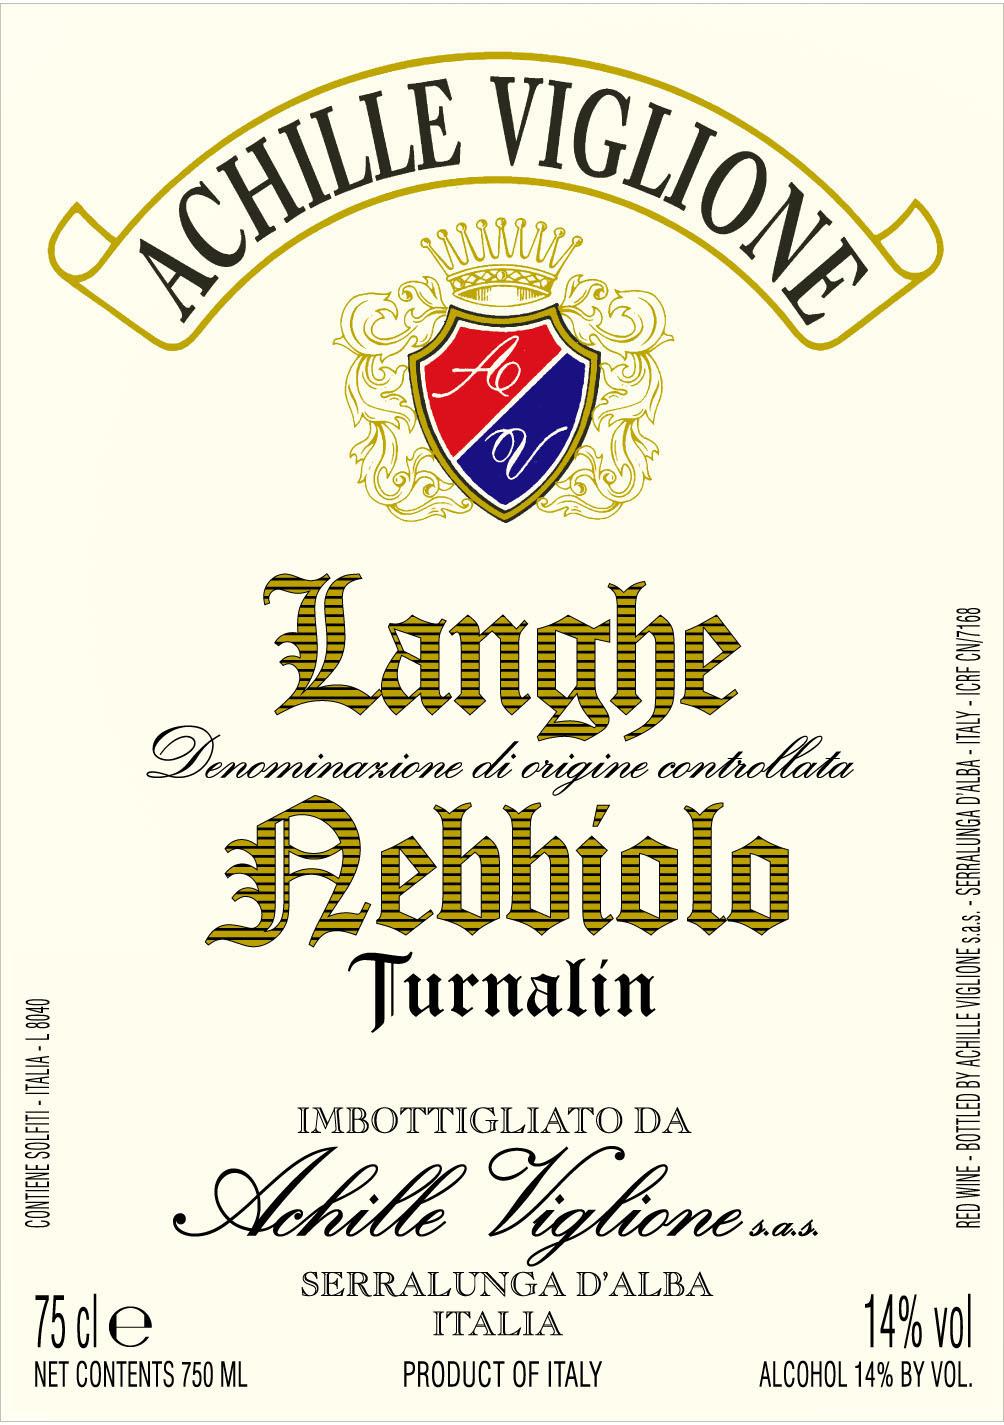 Etichetta vino bianco Langhe Nebbiolo Turnalin Achille Viglione